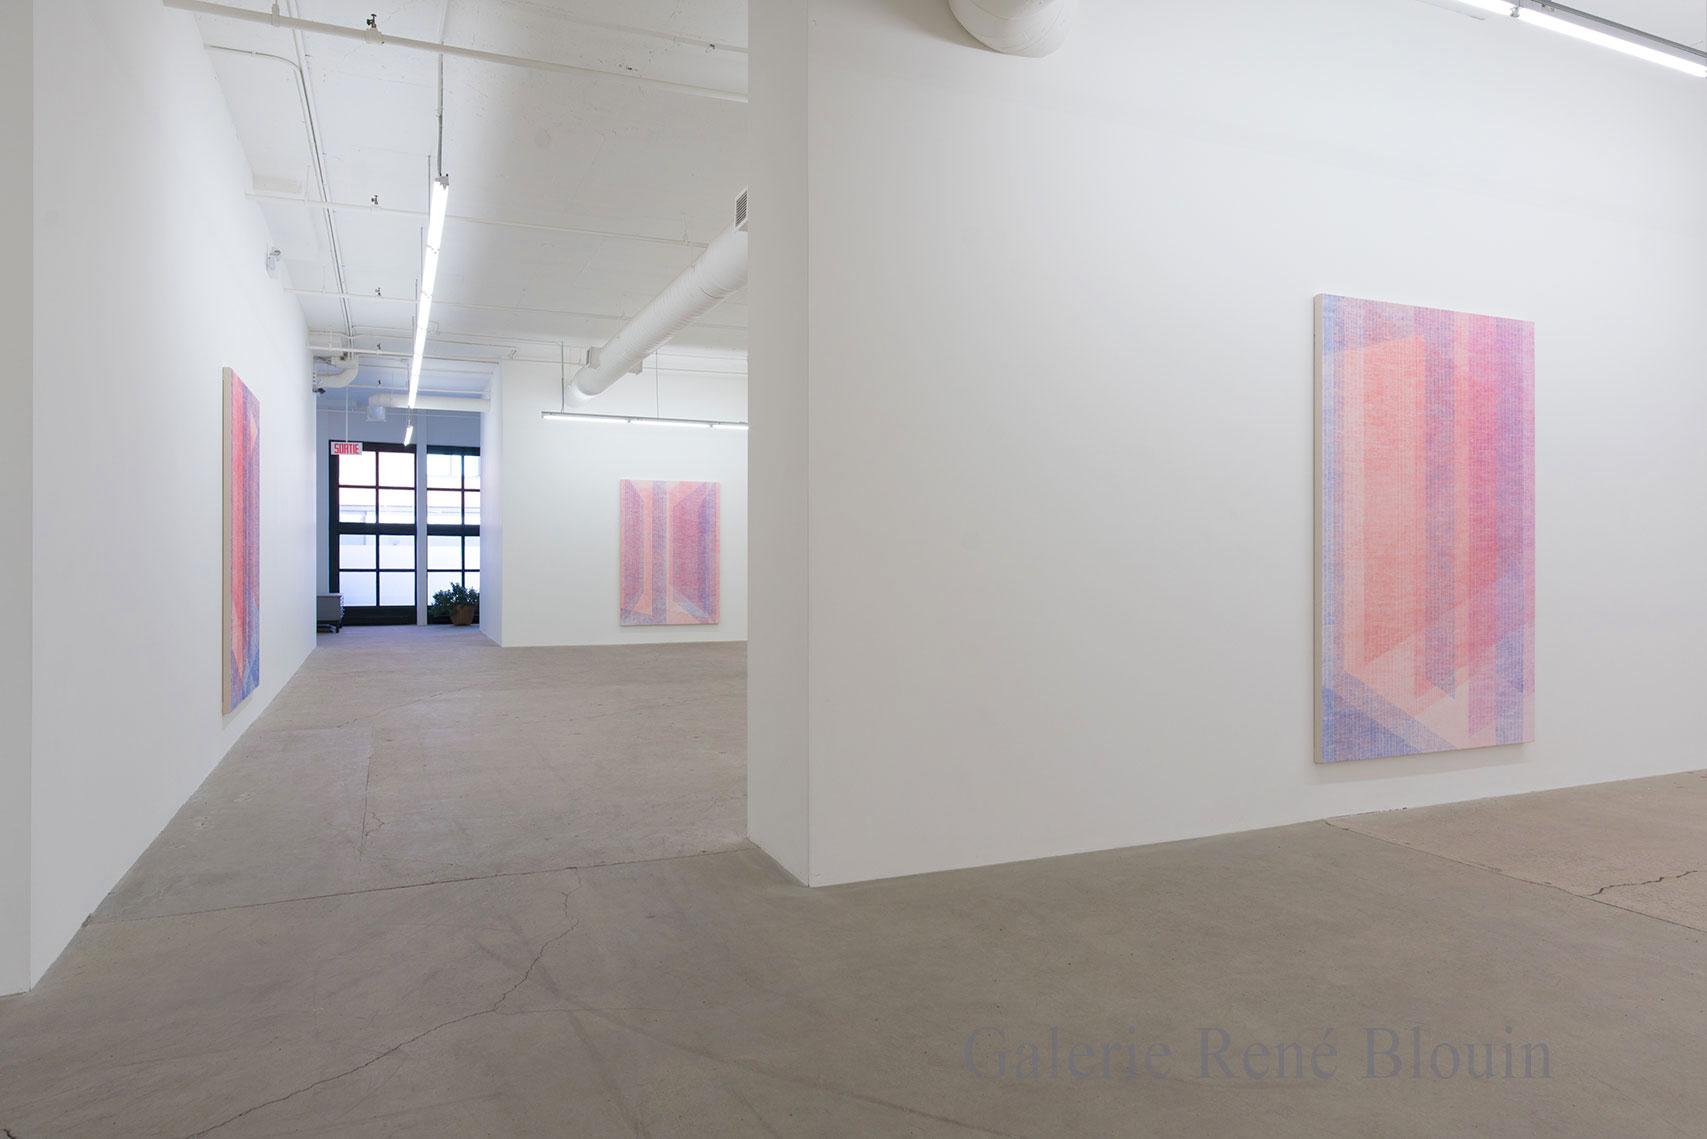 Marie-Claire Blais, 2017, Vue d'installation. Photo : Marie-Claire Blais